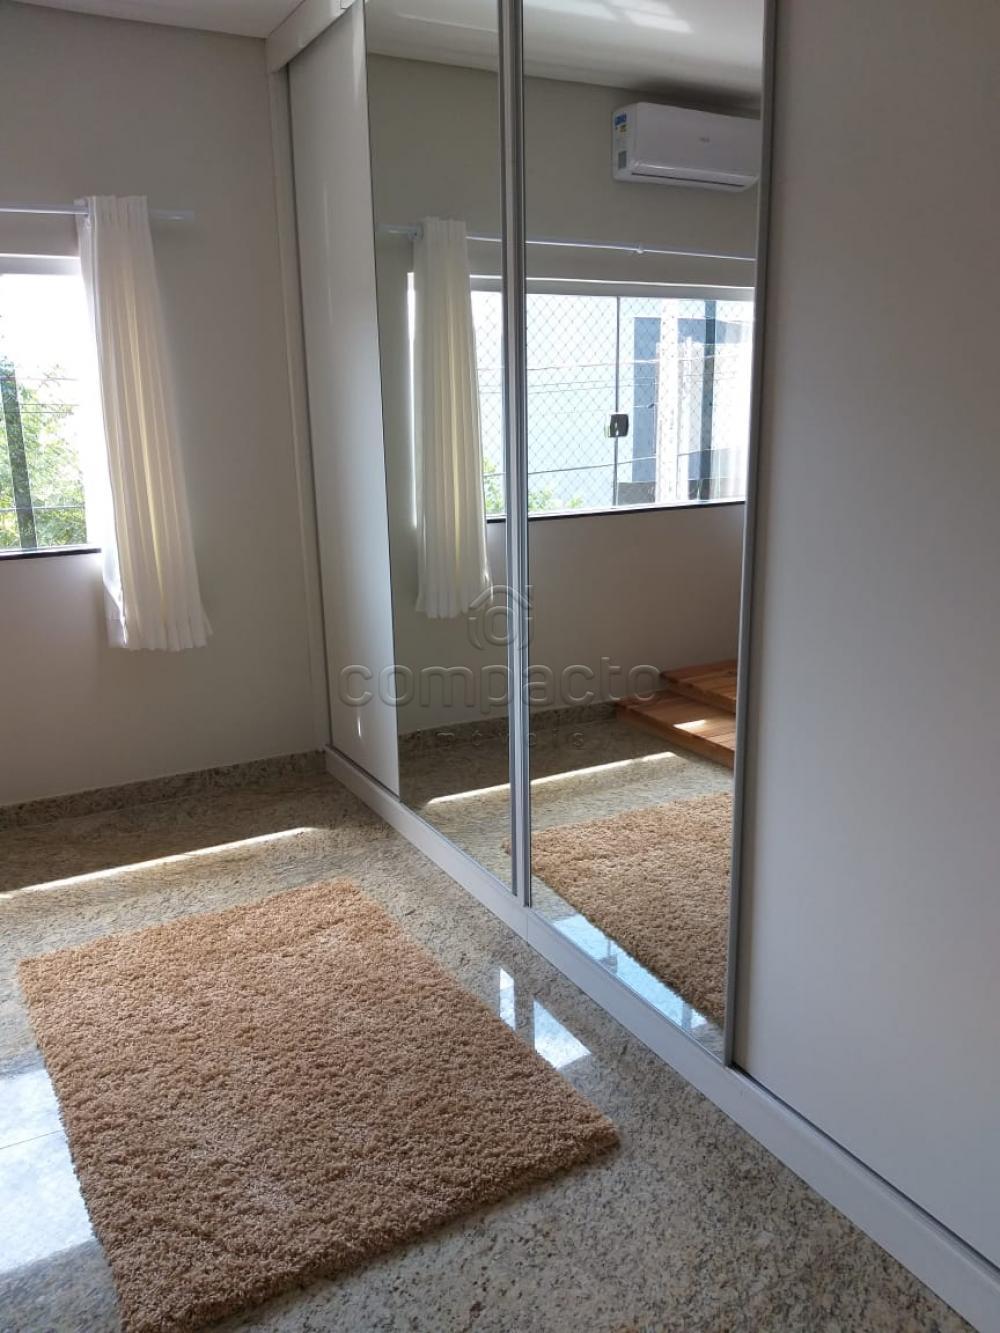 Comprar Casa / Condomínio em São José do Rio Preto apenas R$ 720.000,00 - Foto 31